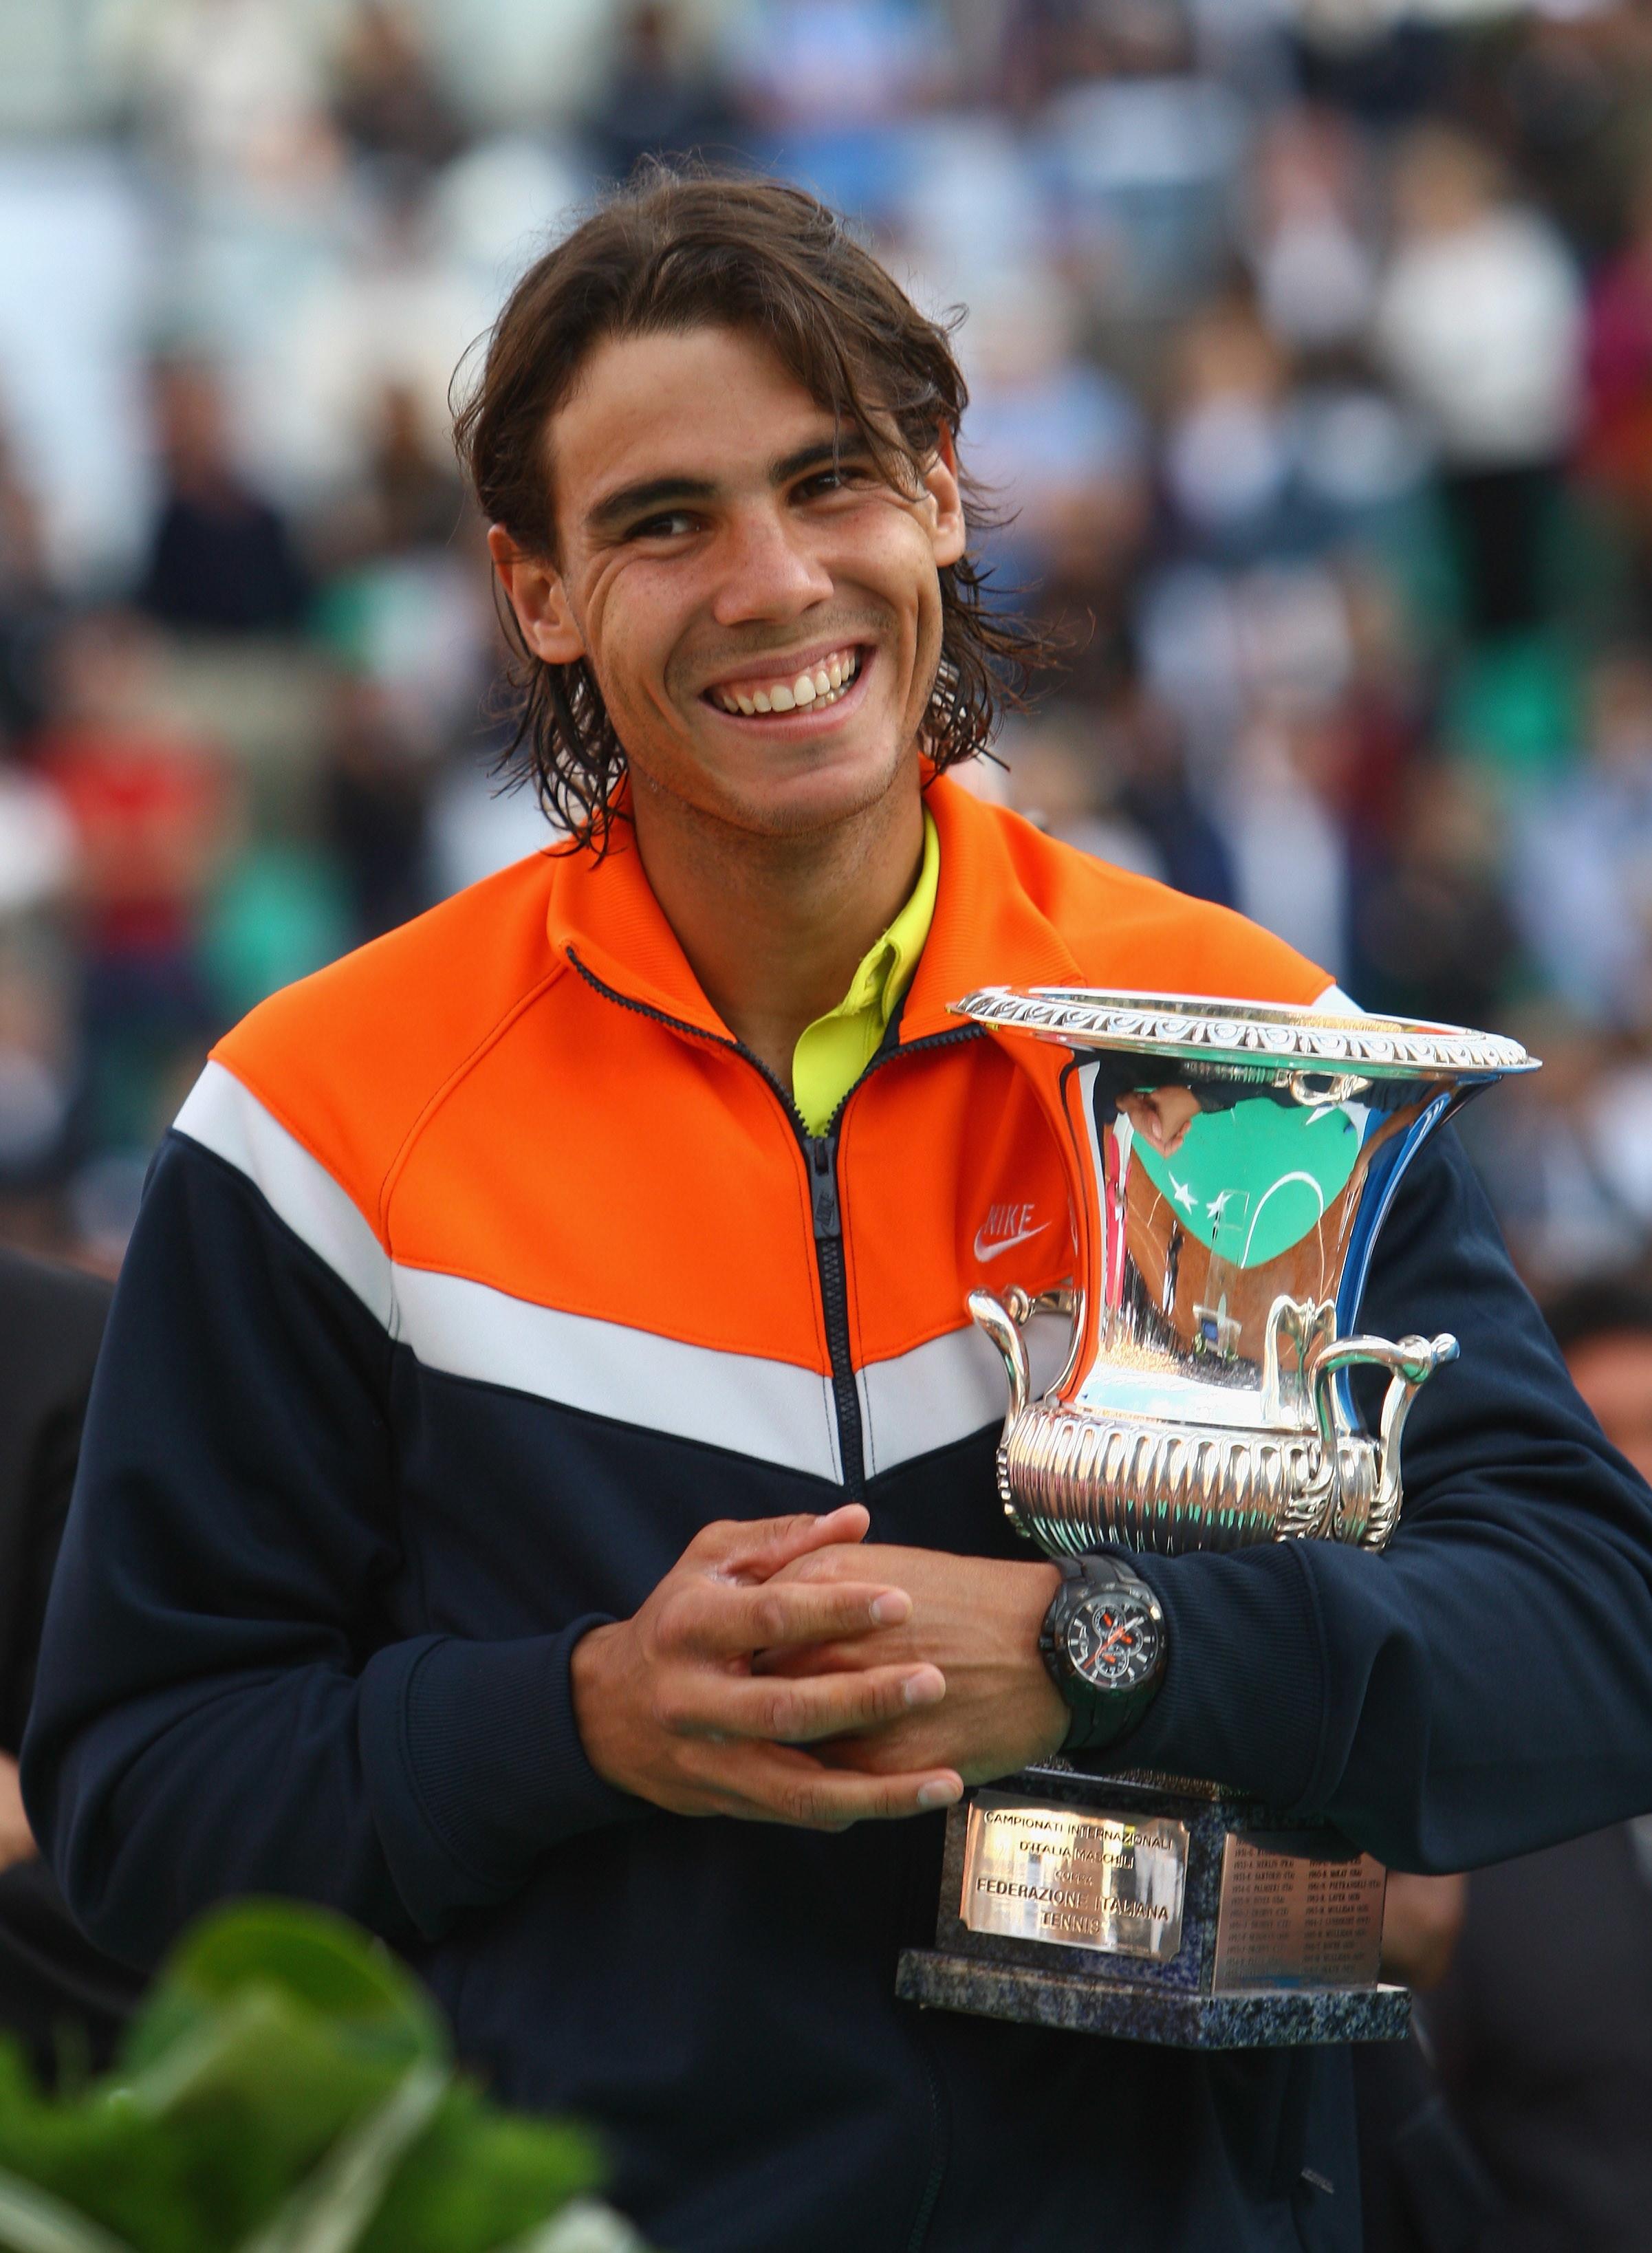 Nel 2009 e nel 2010 riecco Nadal: il mancino spagnolo ha così raggiunto quota cinque titoli al Foro Italico, record del torneo.